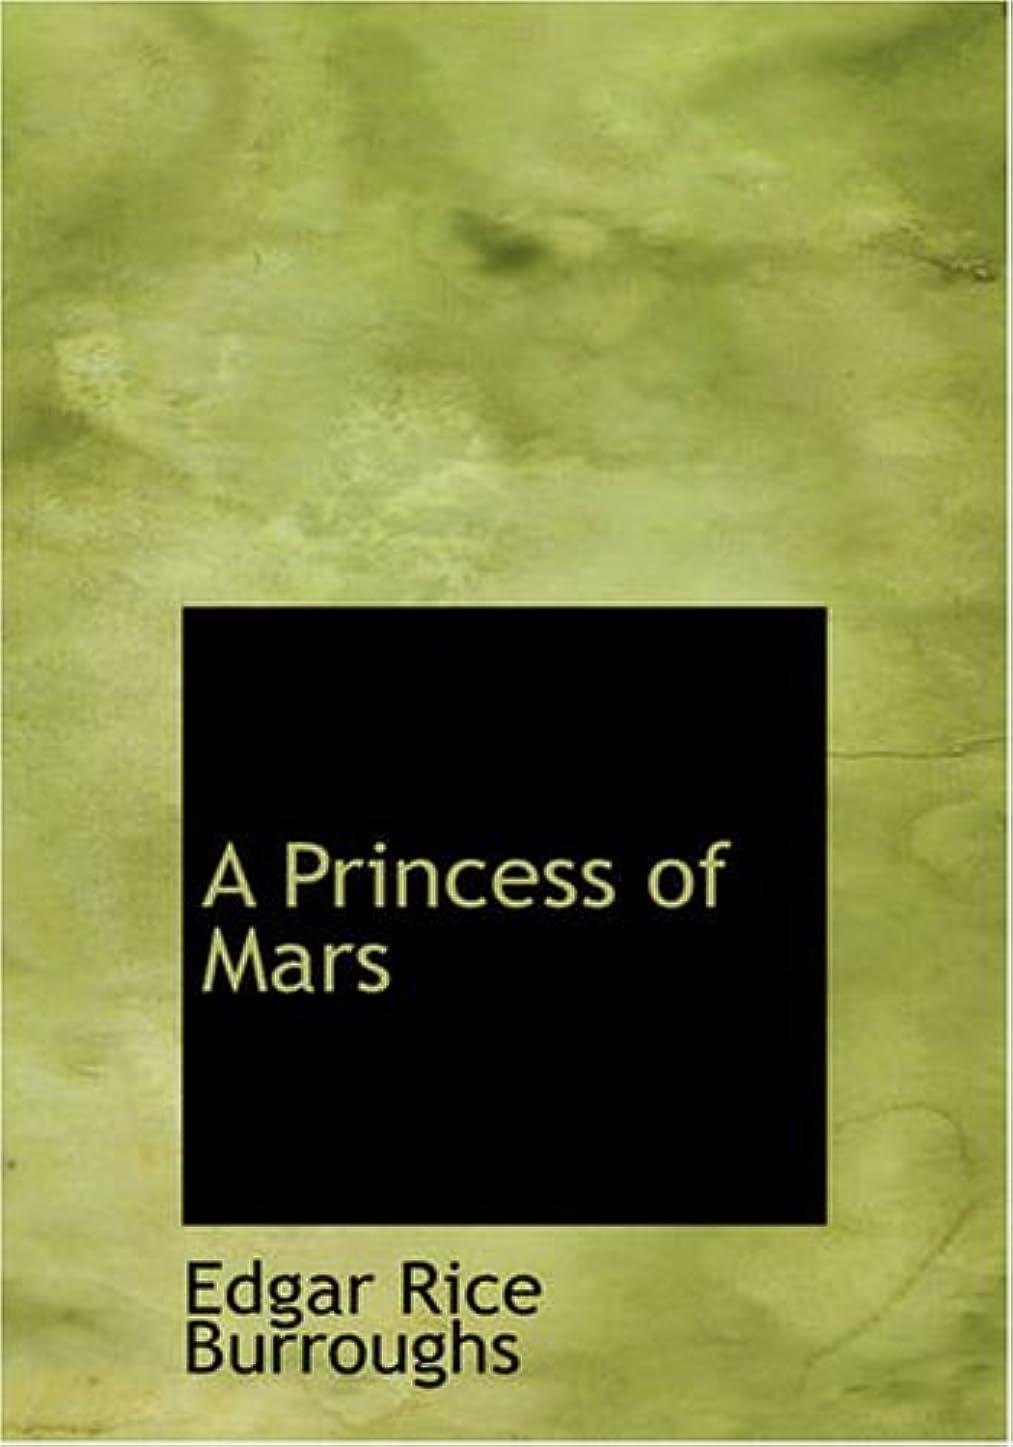 矛盾森牛A Princess of Mars